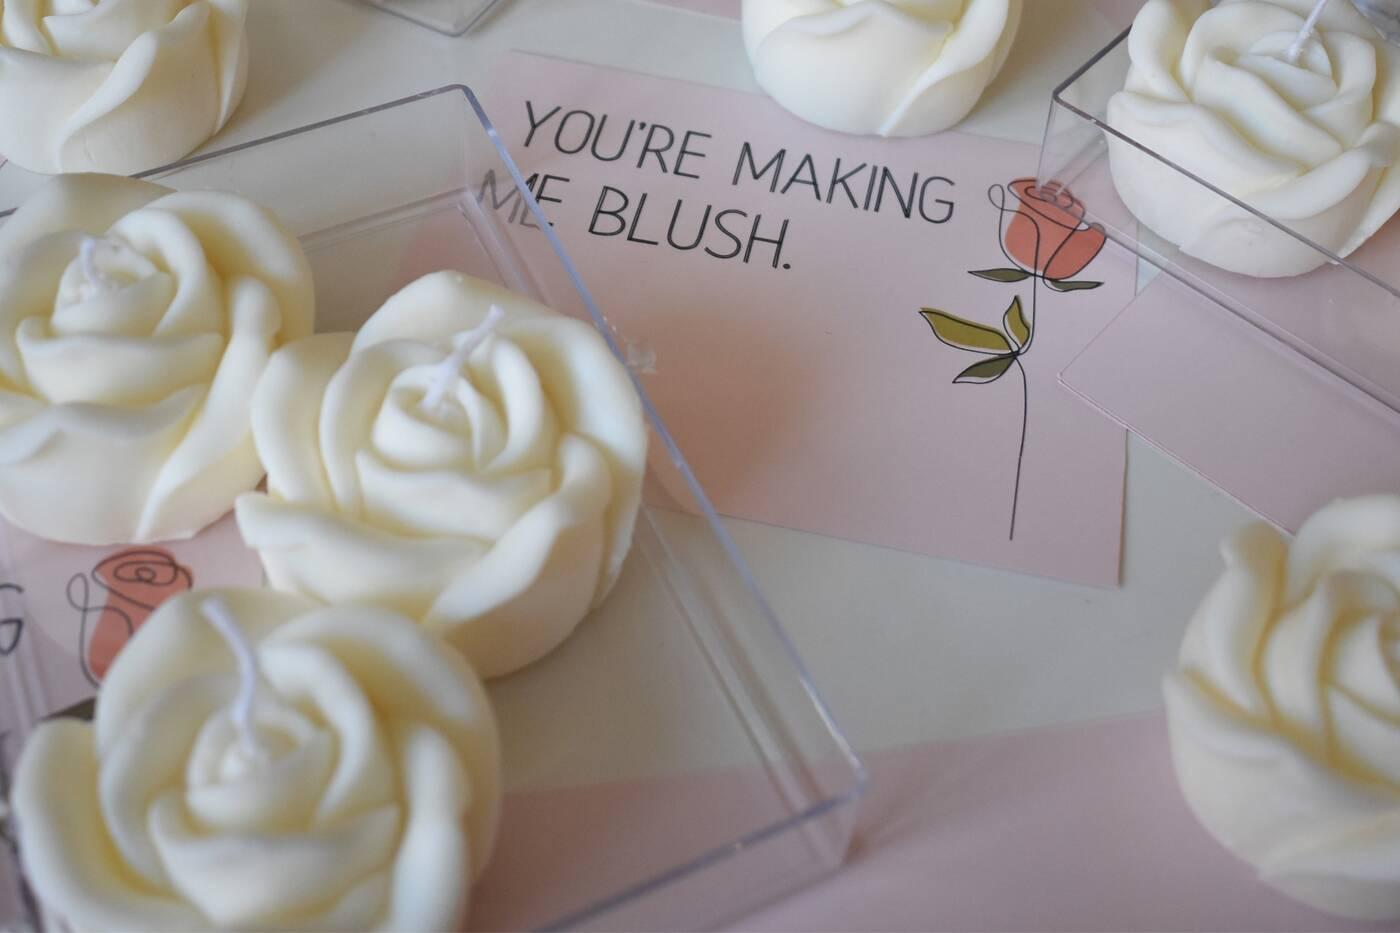 blush candles toronto